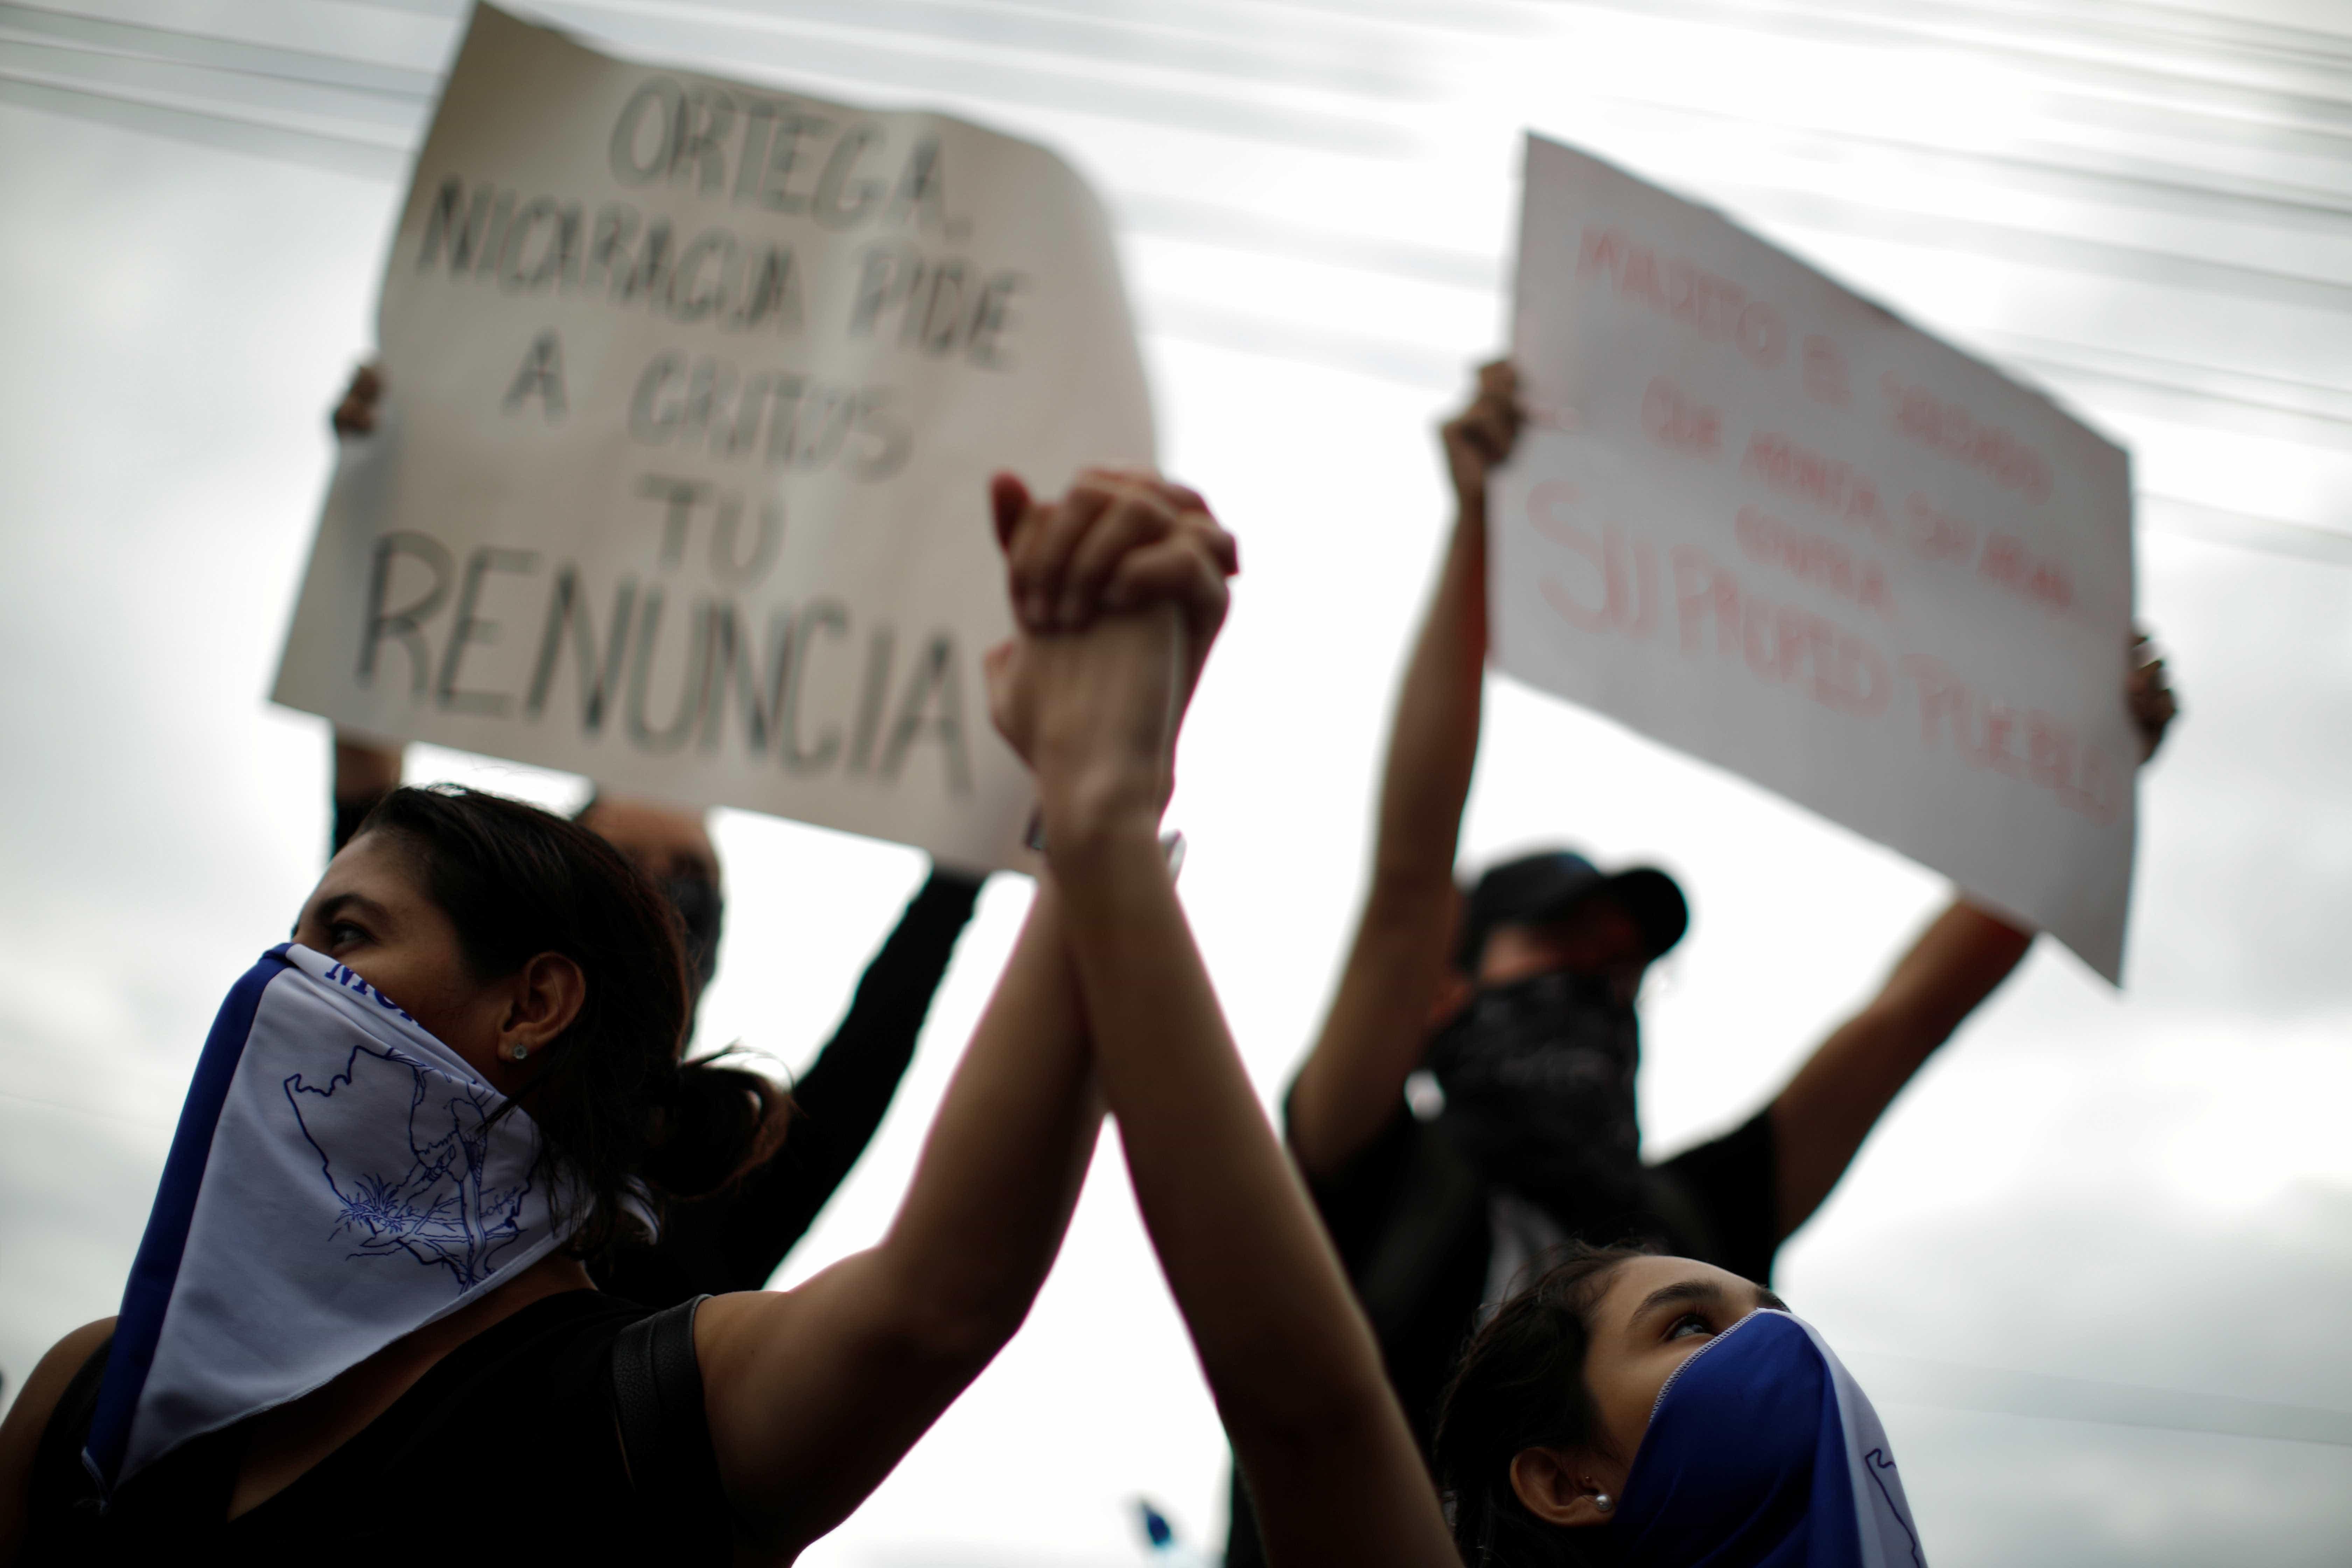 'Atiraram para matar', diz secretário de Direitos Humanos da OEA